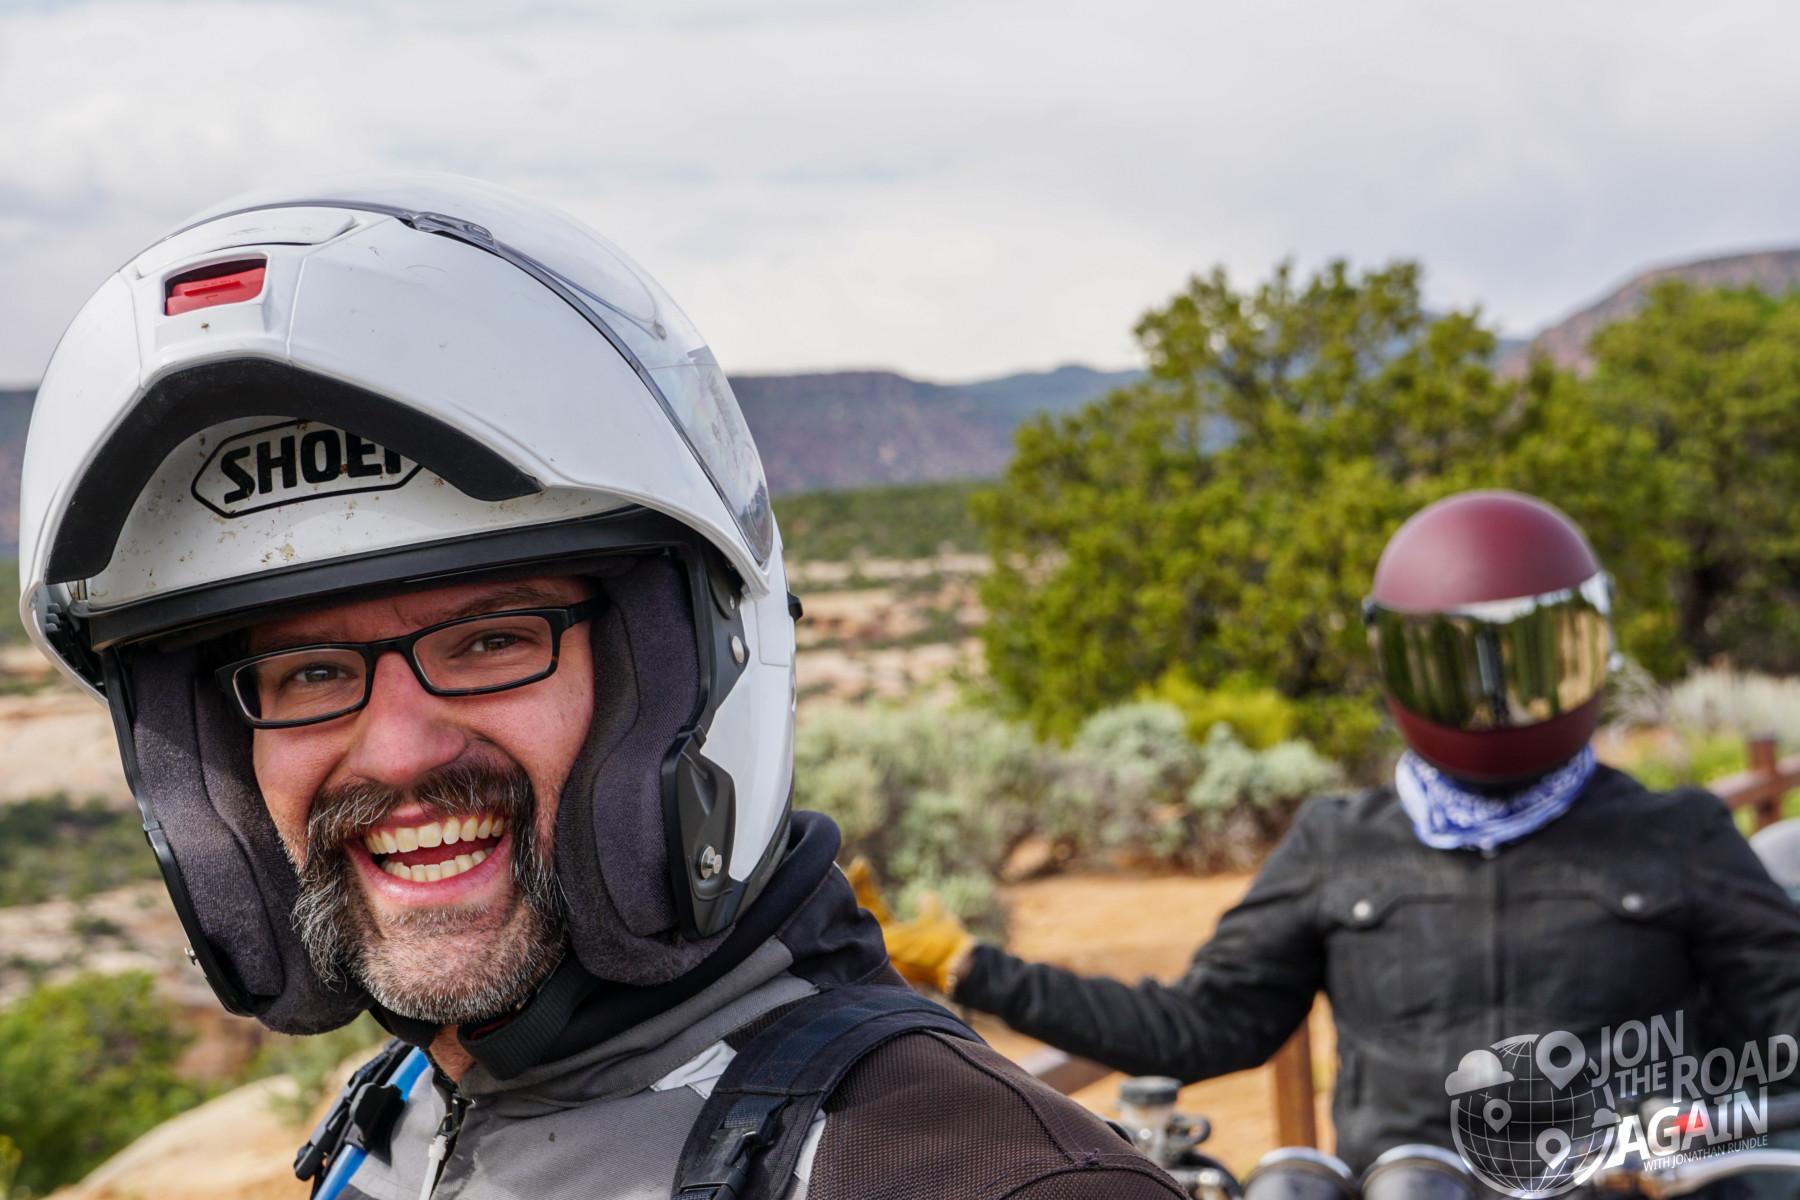 Fuse Box Riders at Natural Bridges